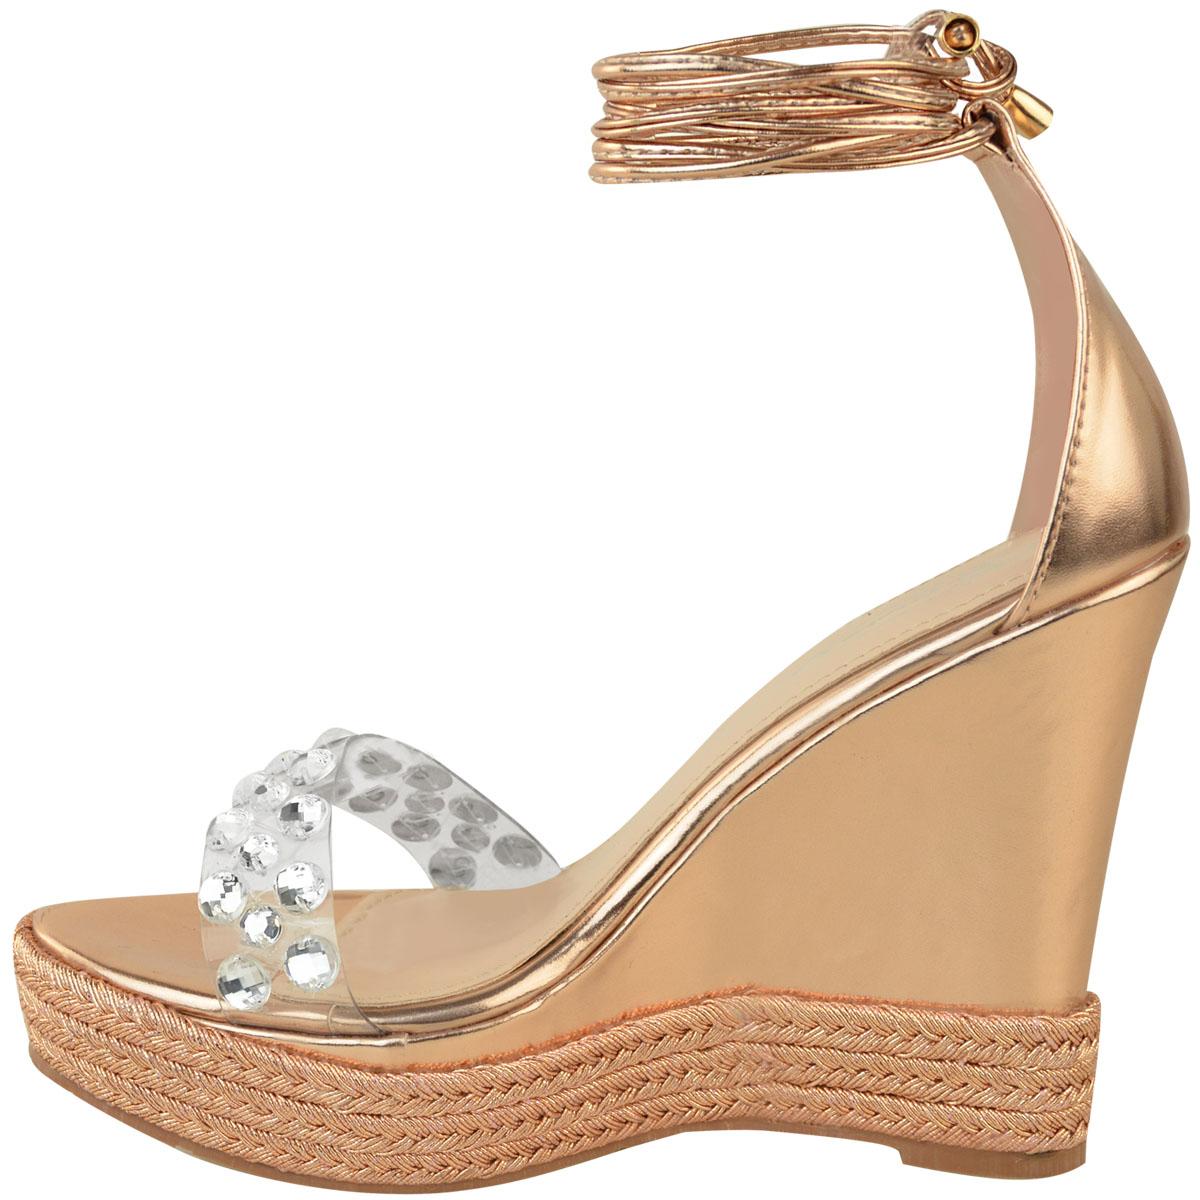 Womens Ladies Perspex High Heel Wedge Platform Diamante Sandals Tie Wedges On02